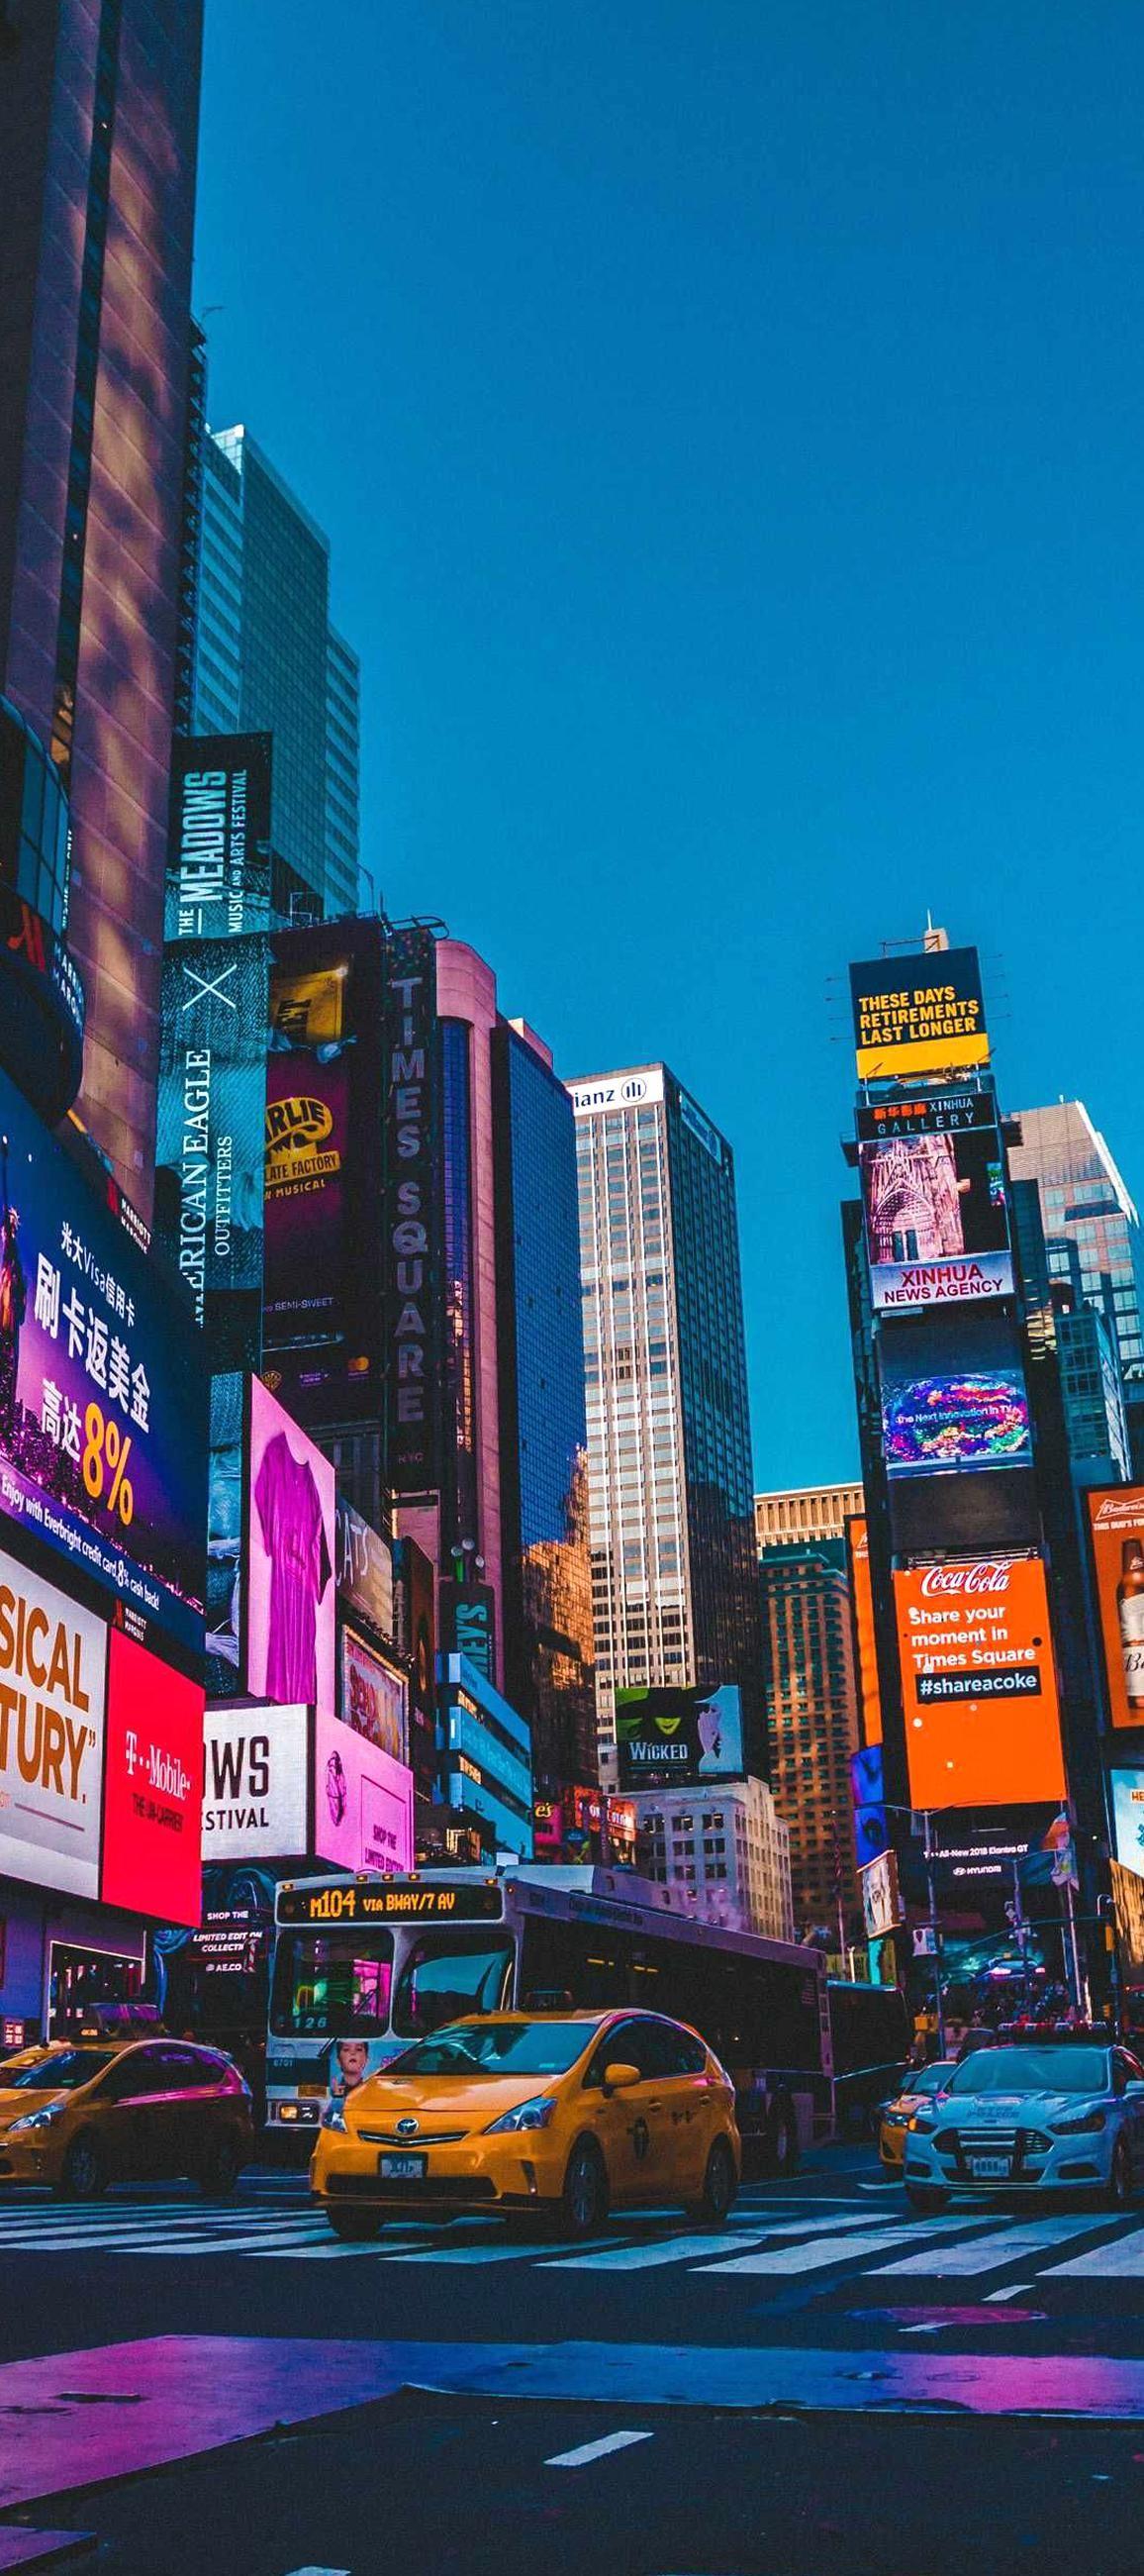 Fondo De Pantalla De Celular Que Tiene La Ciudad De Nueva York Iluminada Con Colores Brillantes Stunning Wallpapers Best Iphone Wallpapers New York Wallpaper